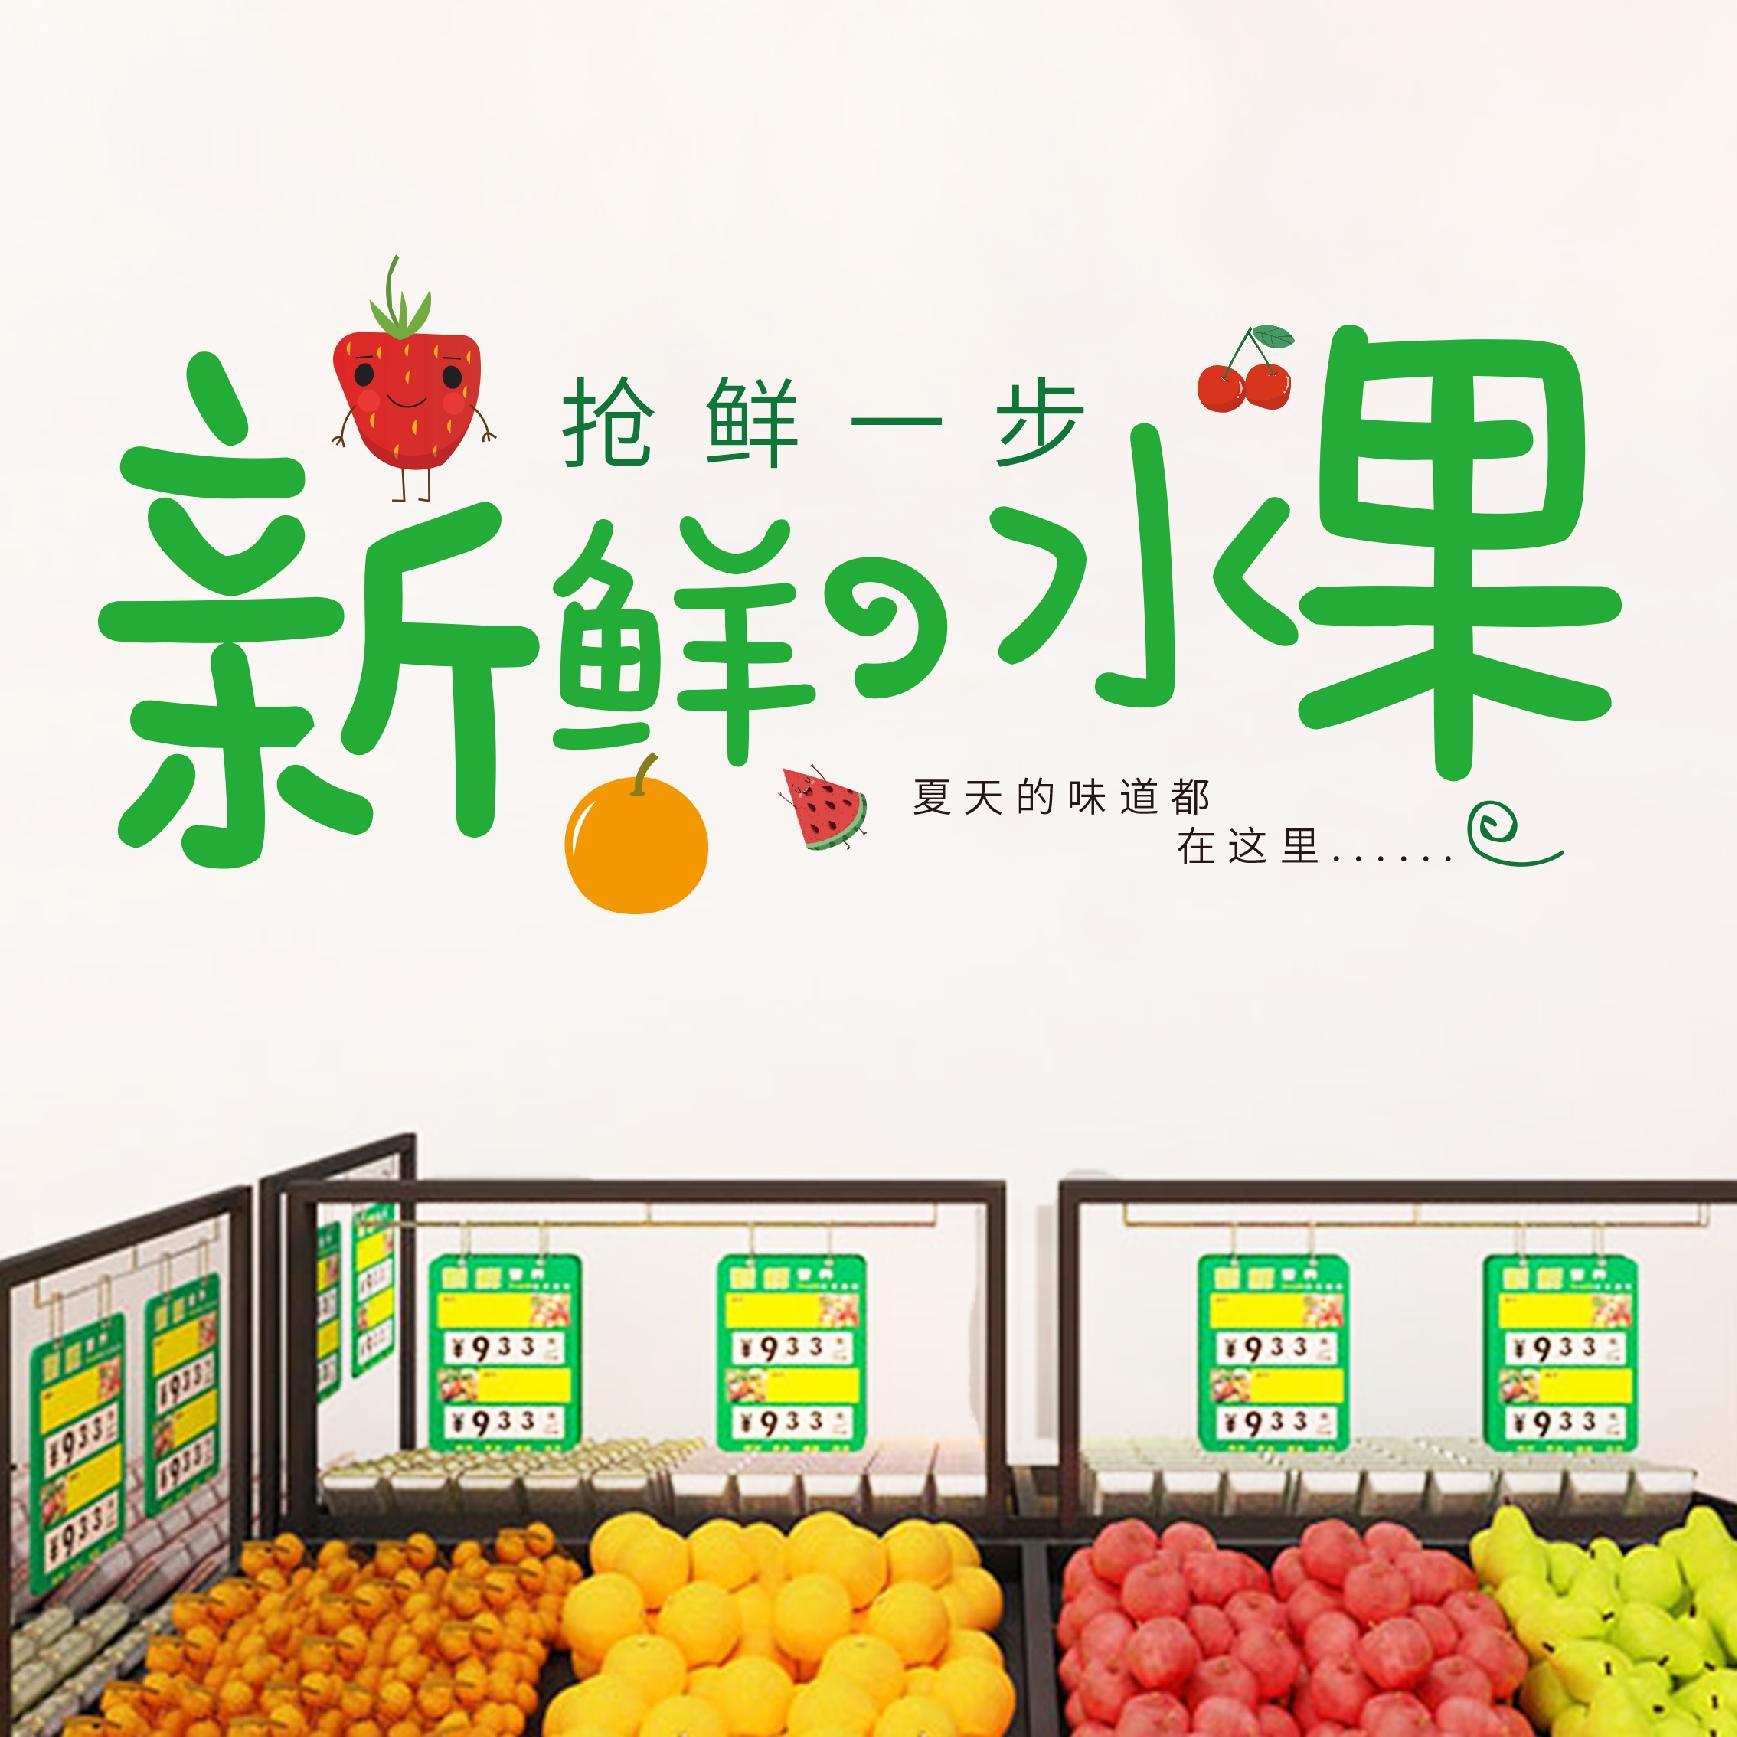 创意水果店铺装饰橱窗玻璃门贴纸新鲜水果蔬超市墙面贴画鲜榨果汁